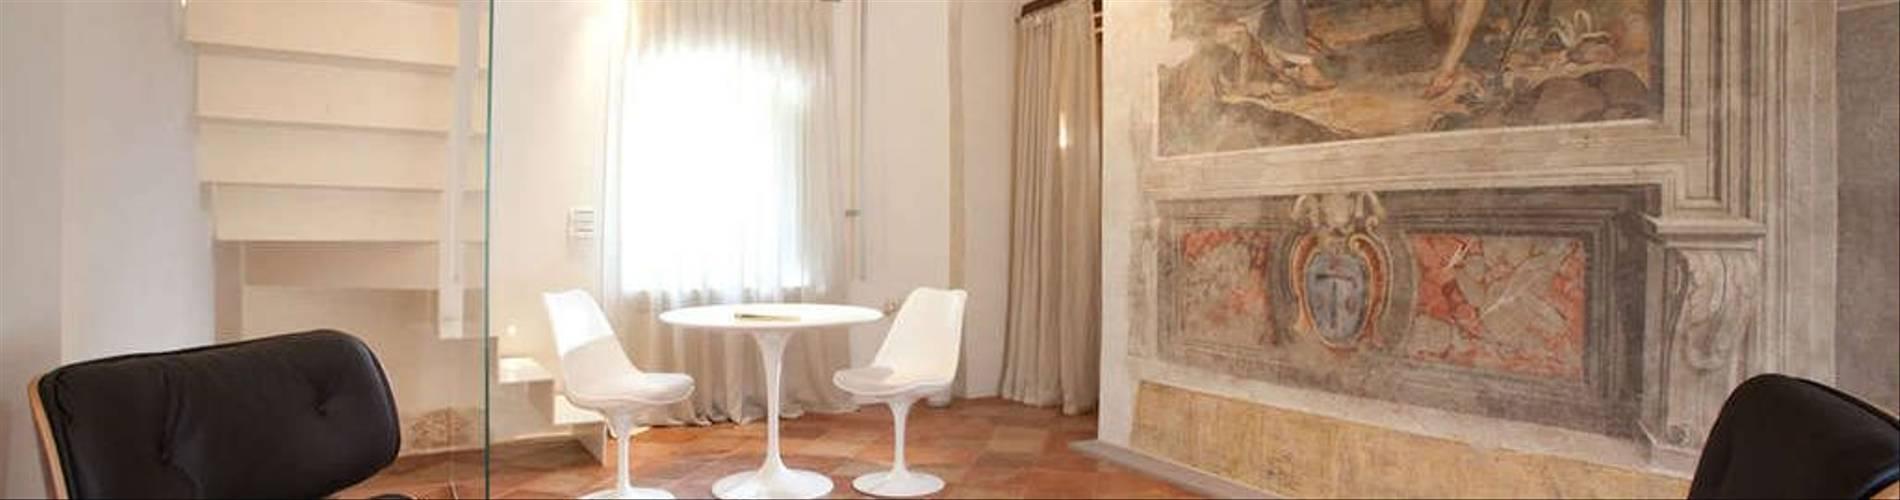 Nun Assisi 3.jpg